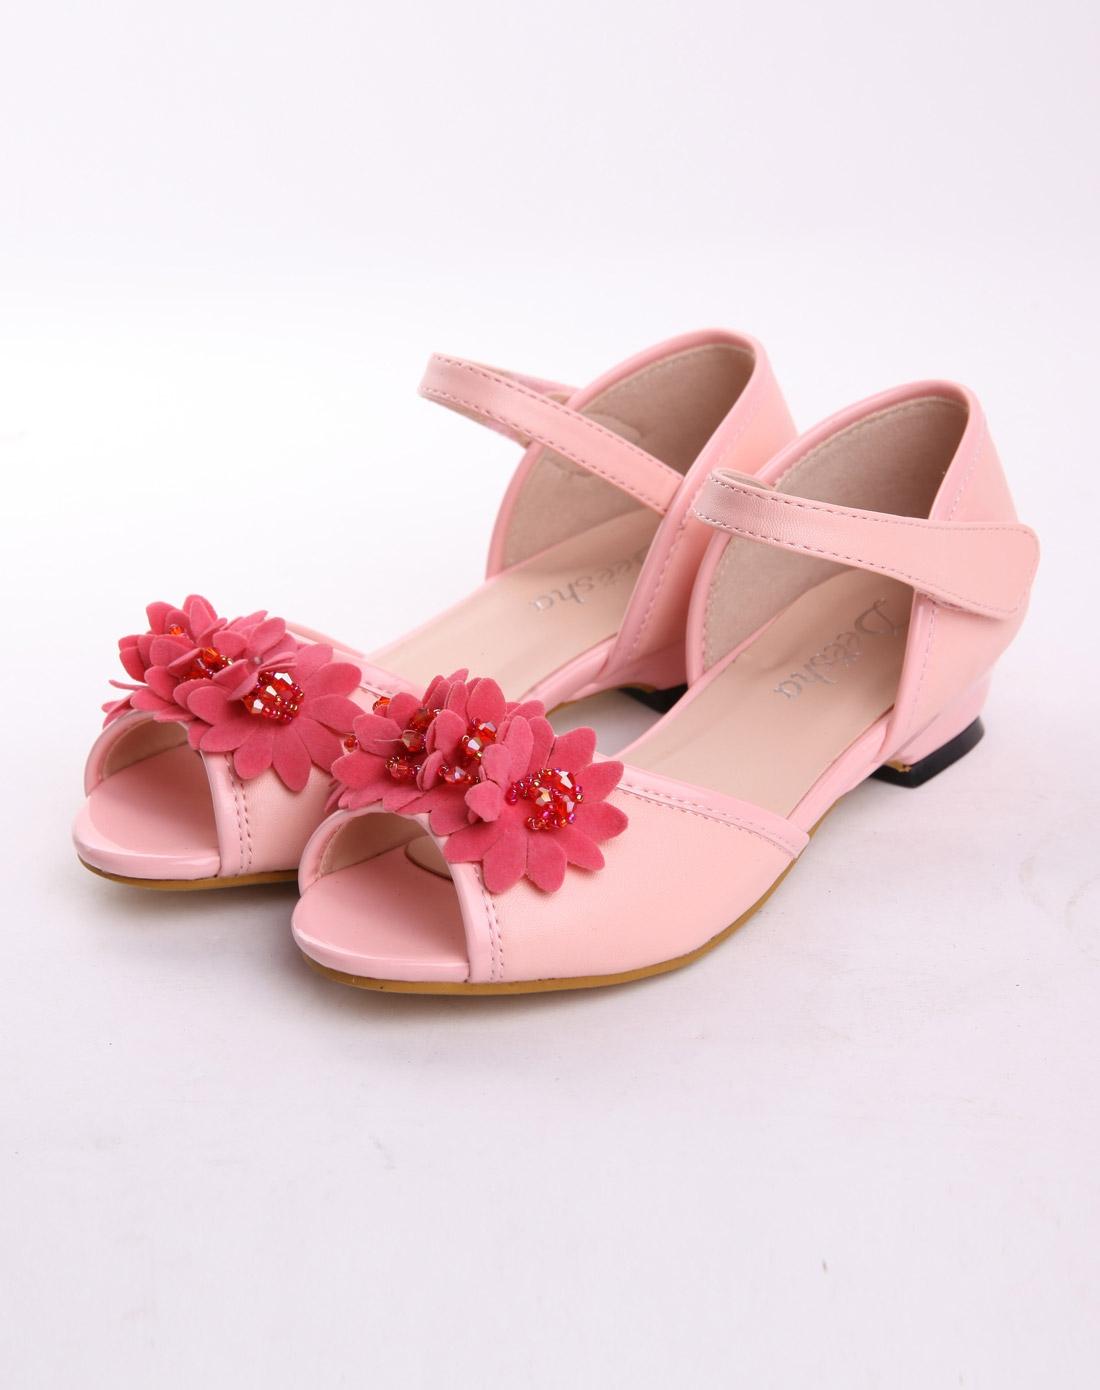 粉色鞋子图片素材